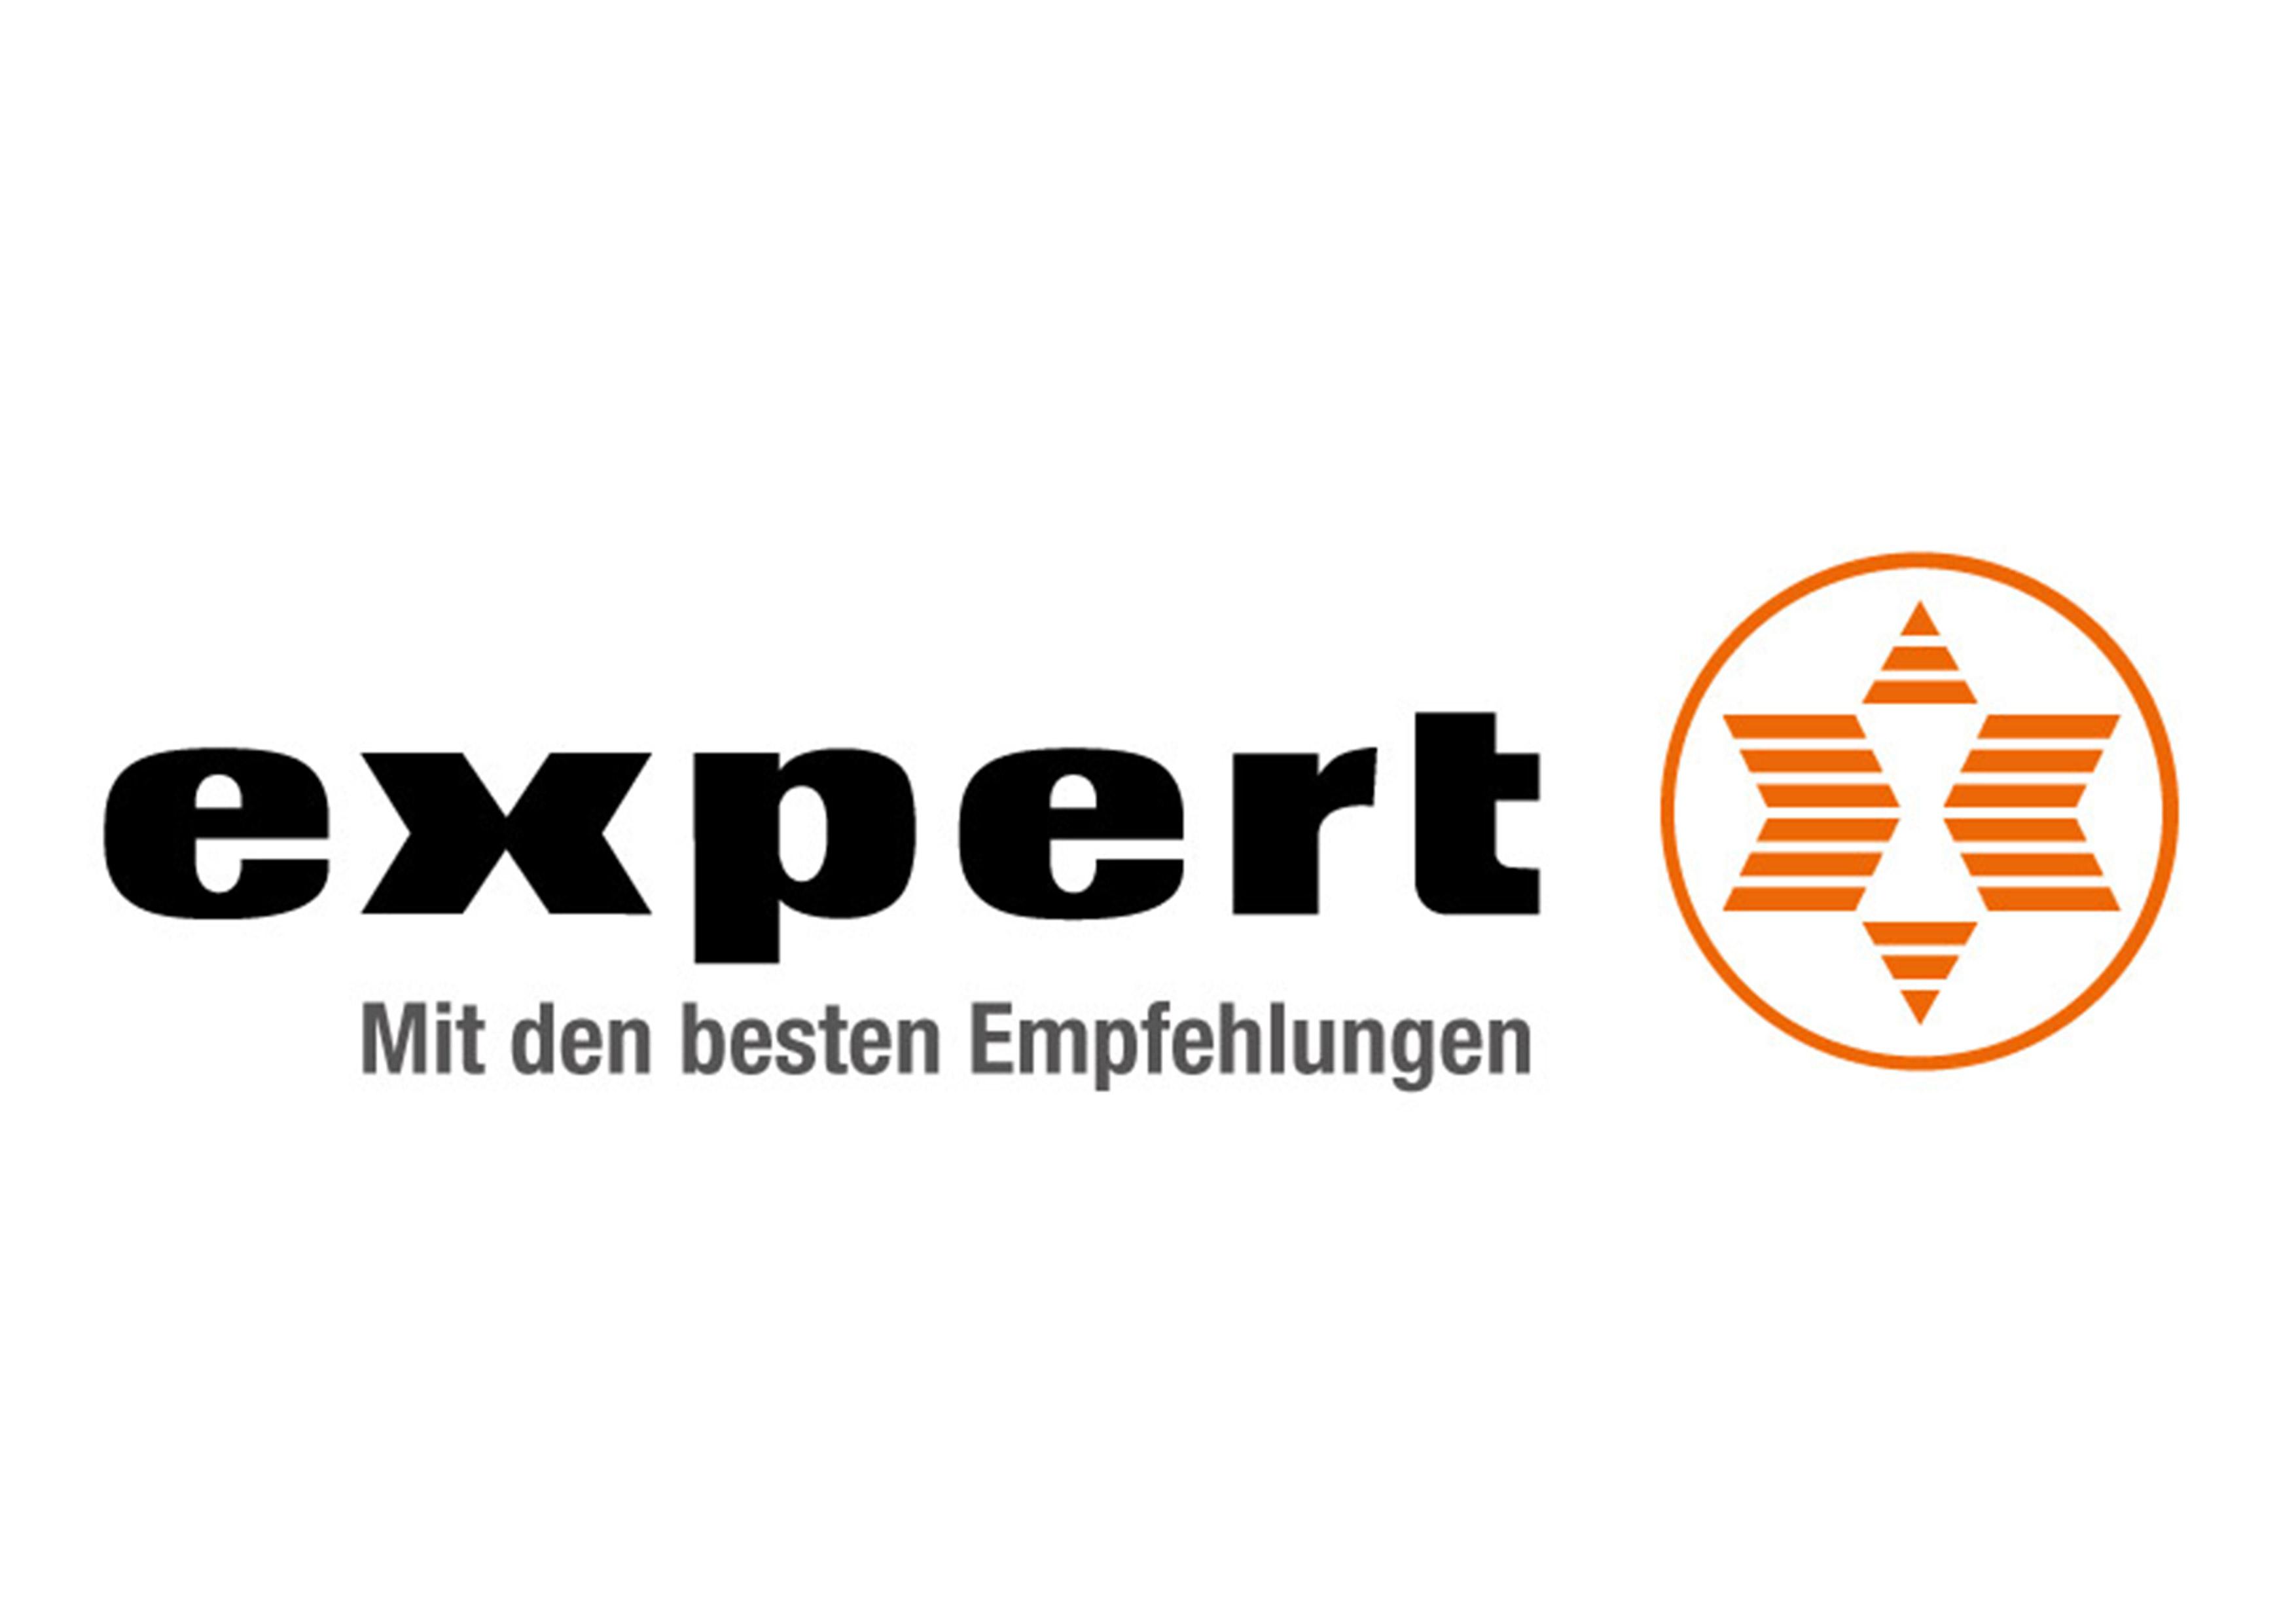 messedaten_messe_220_weblogos_expert_warenvertrieb_gmbh_b-b.jpg